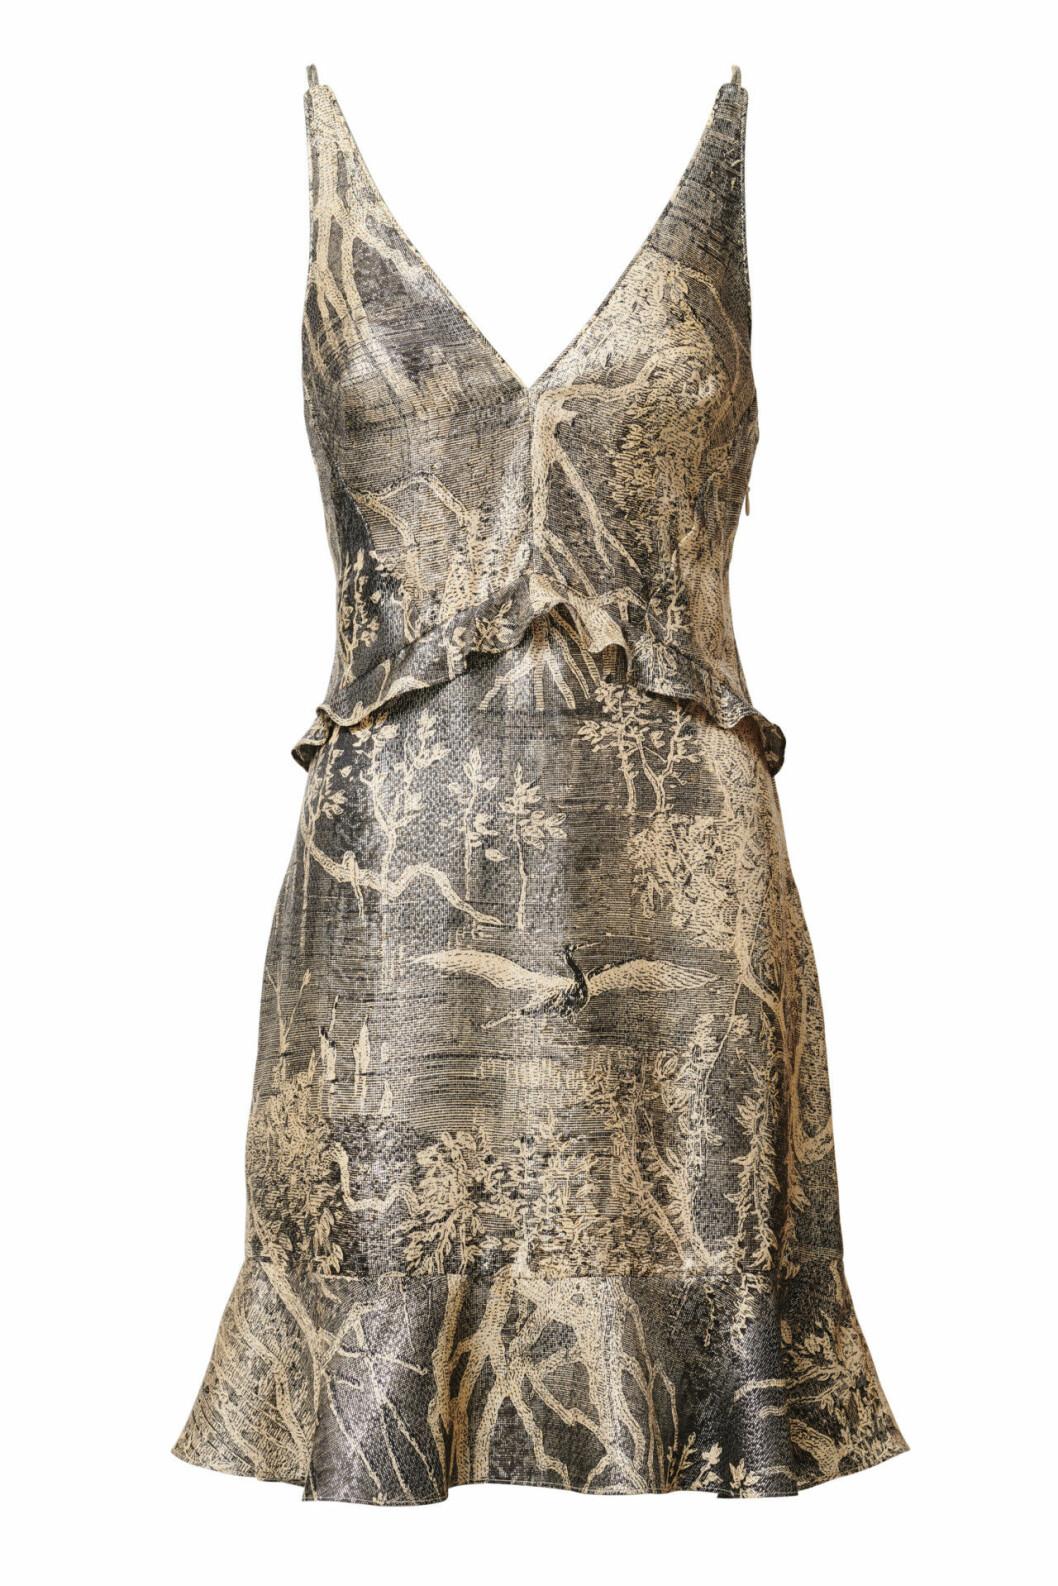 H&M Conscious Exclusive 2019 guldig klänning